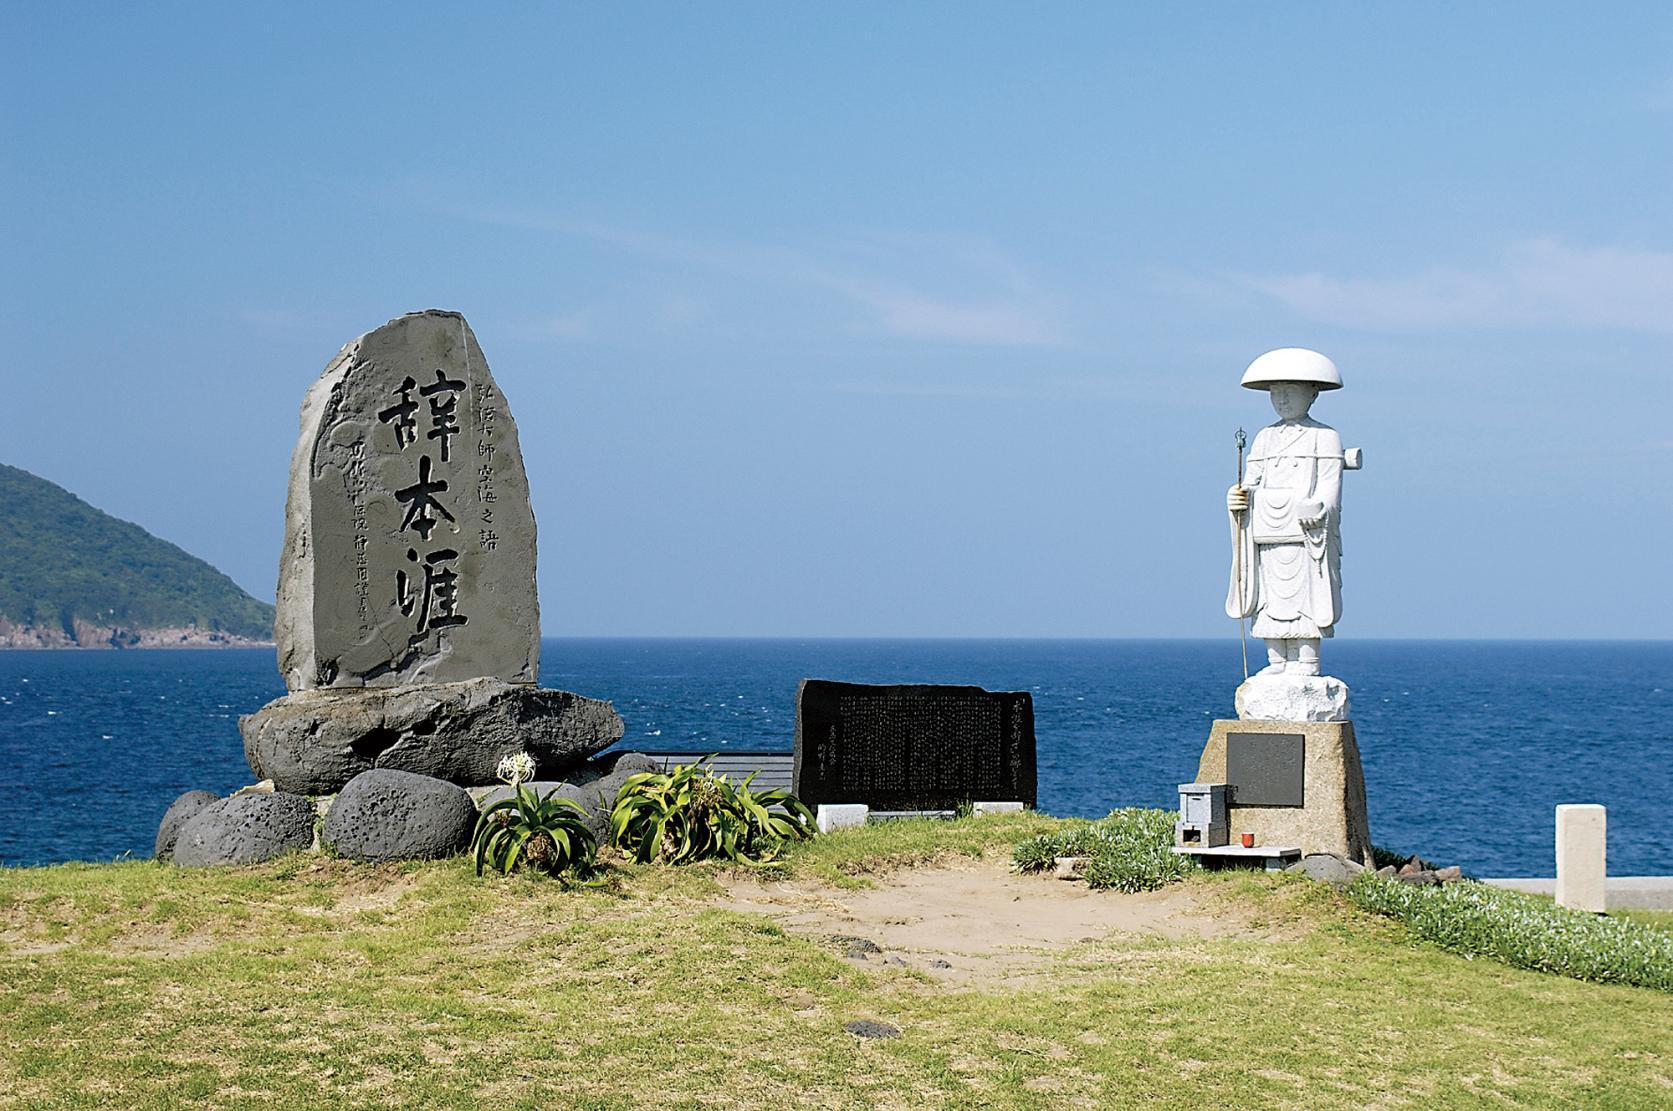 絶景のフラワーロードと日本遺産コース-3